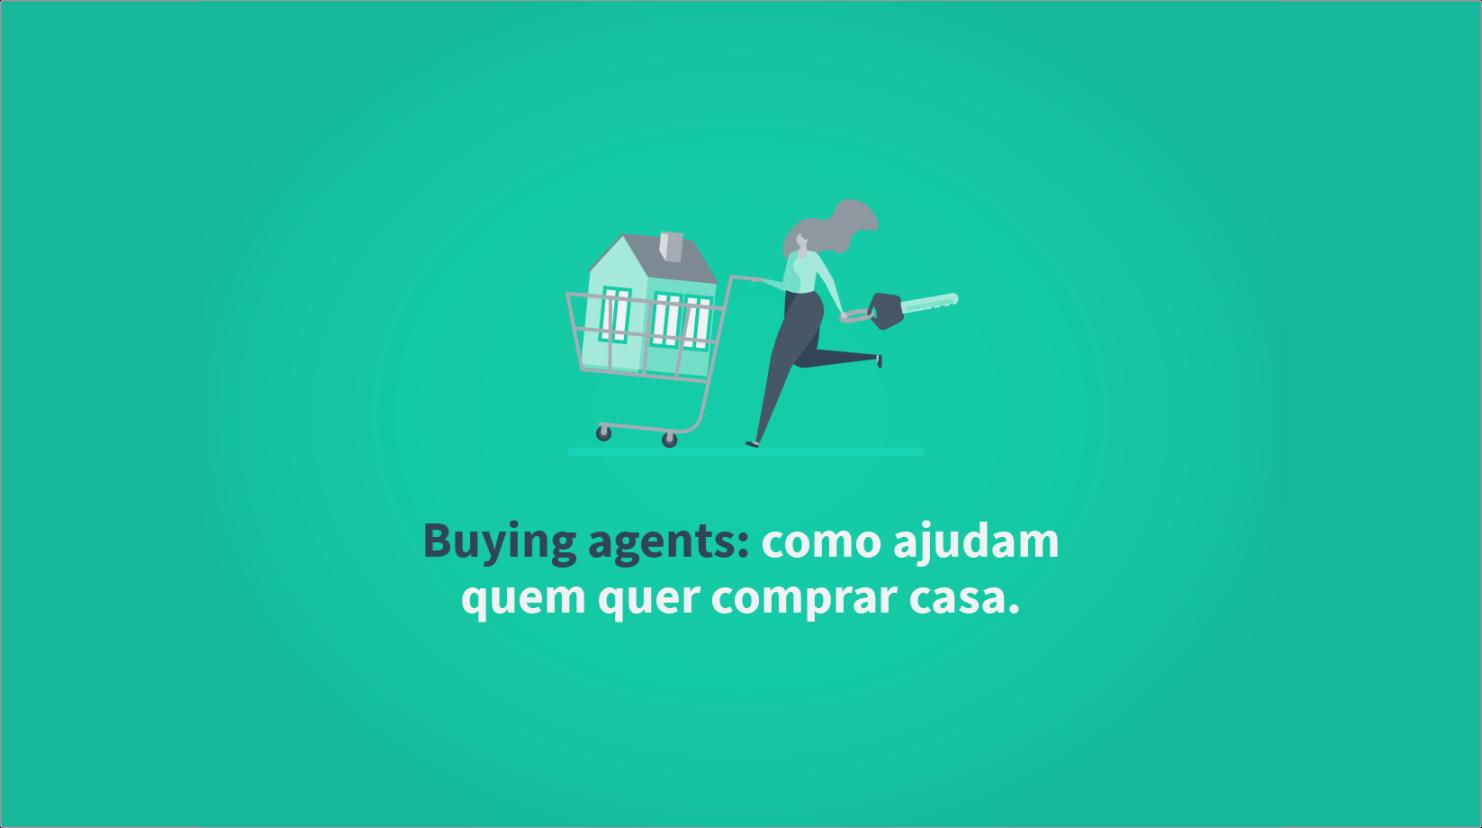 Buying agents: como ajudam quem quer comprar casa